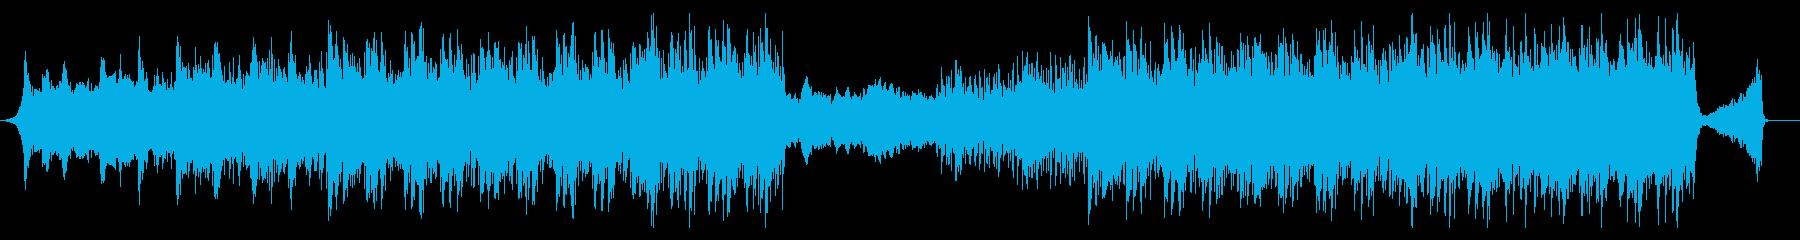 オリンピック活躍映像系迫力感動壮大和太鼓の再生済みの波形